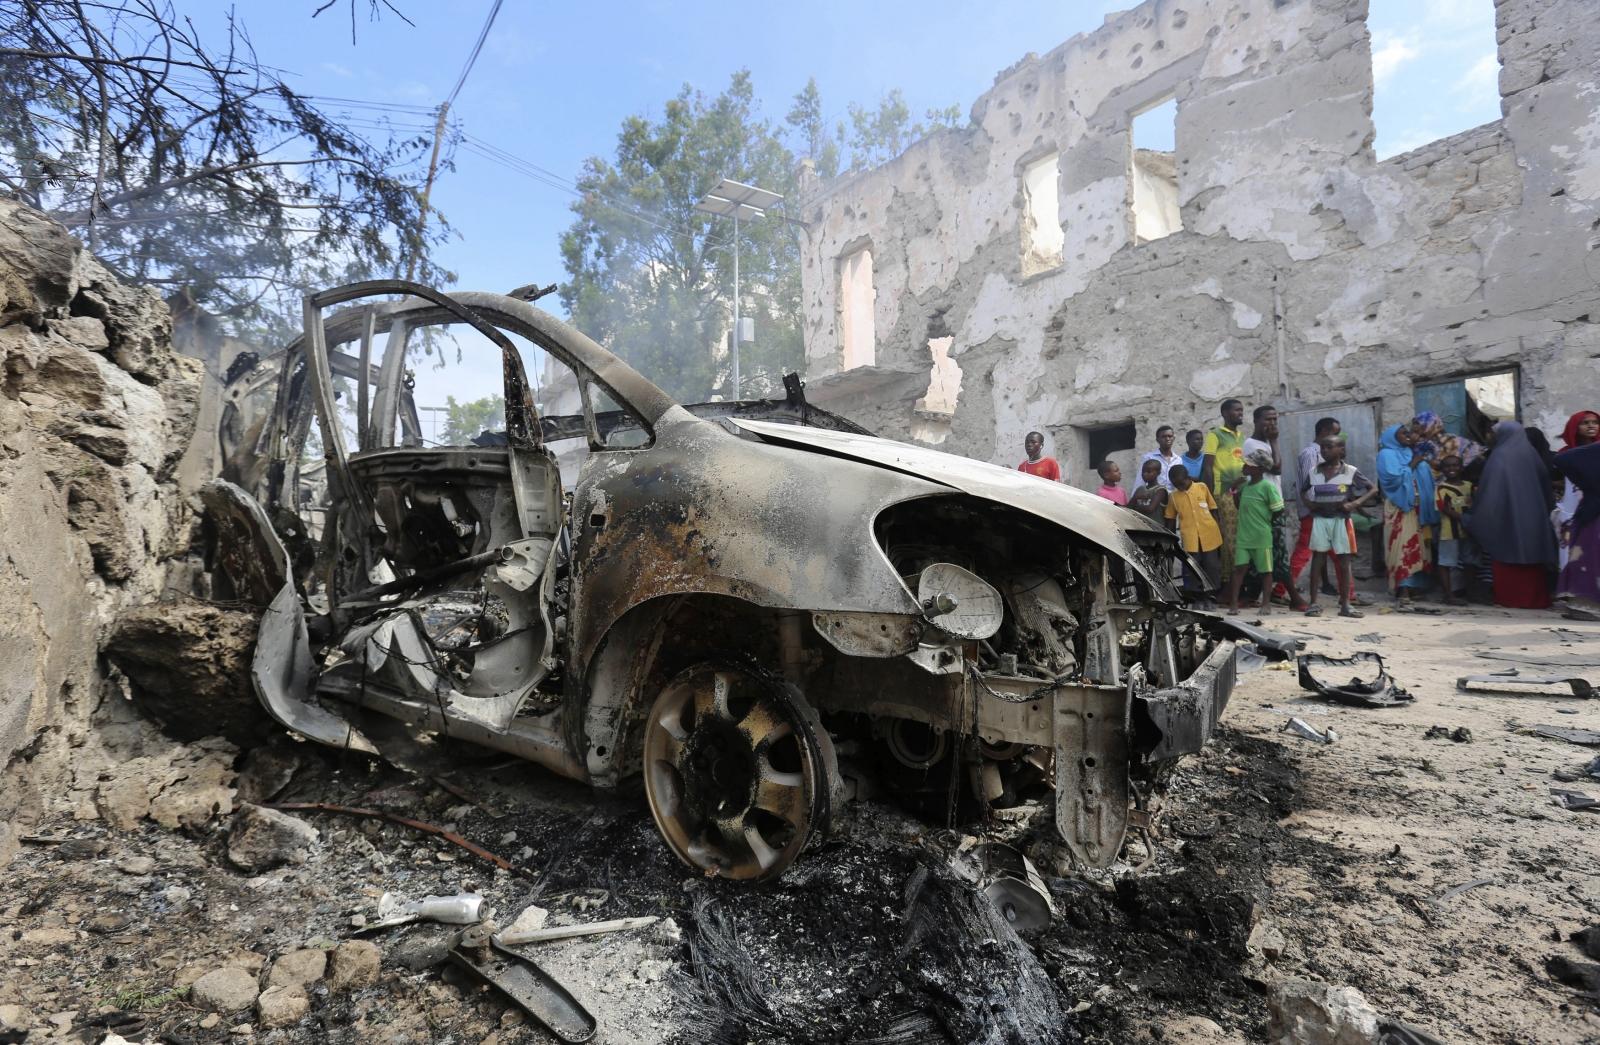 US airstrikes in Somalia against al-Shahab militants kills top leader